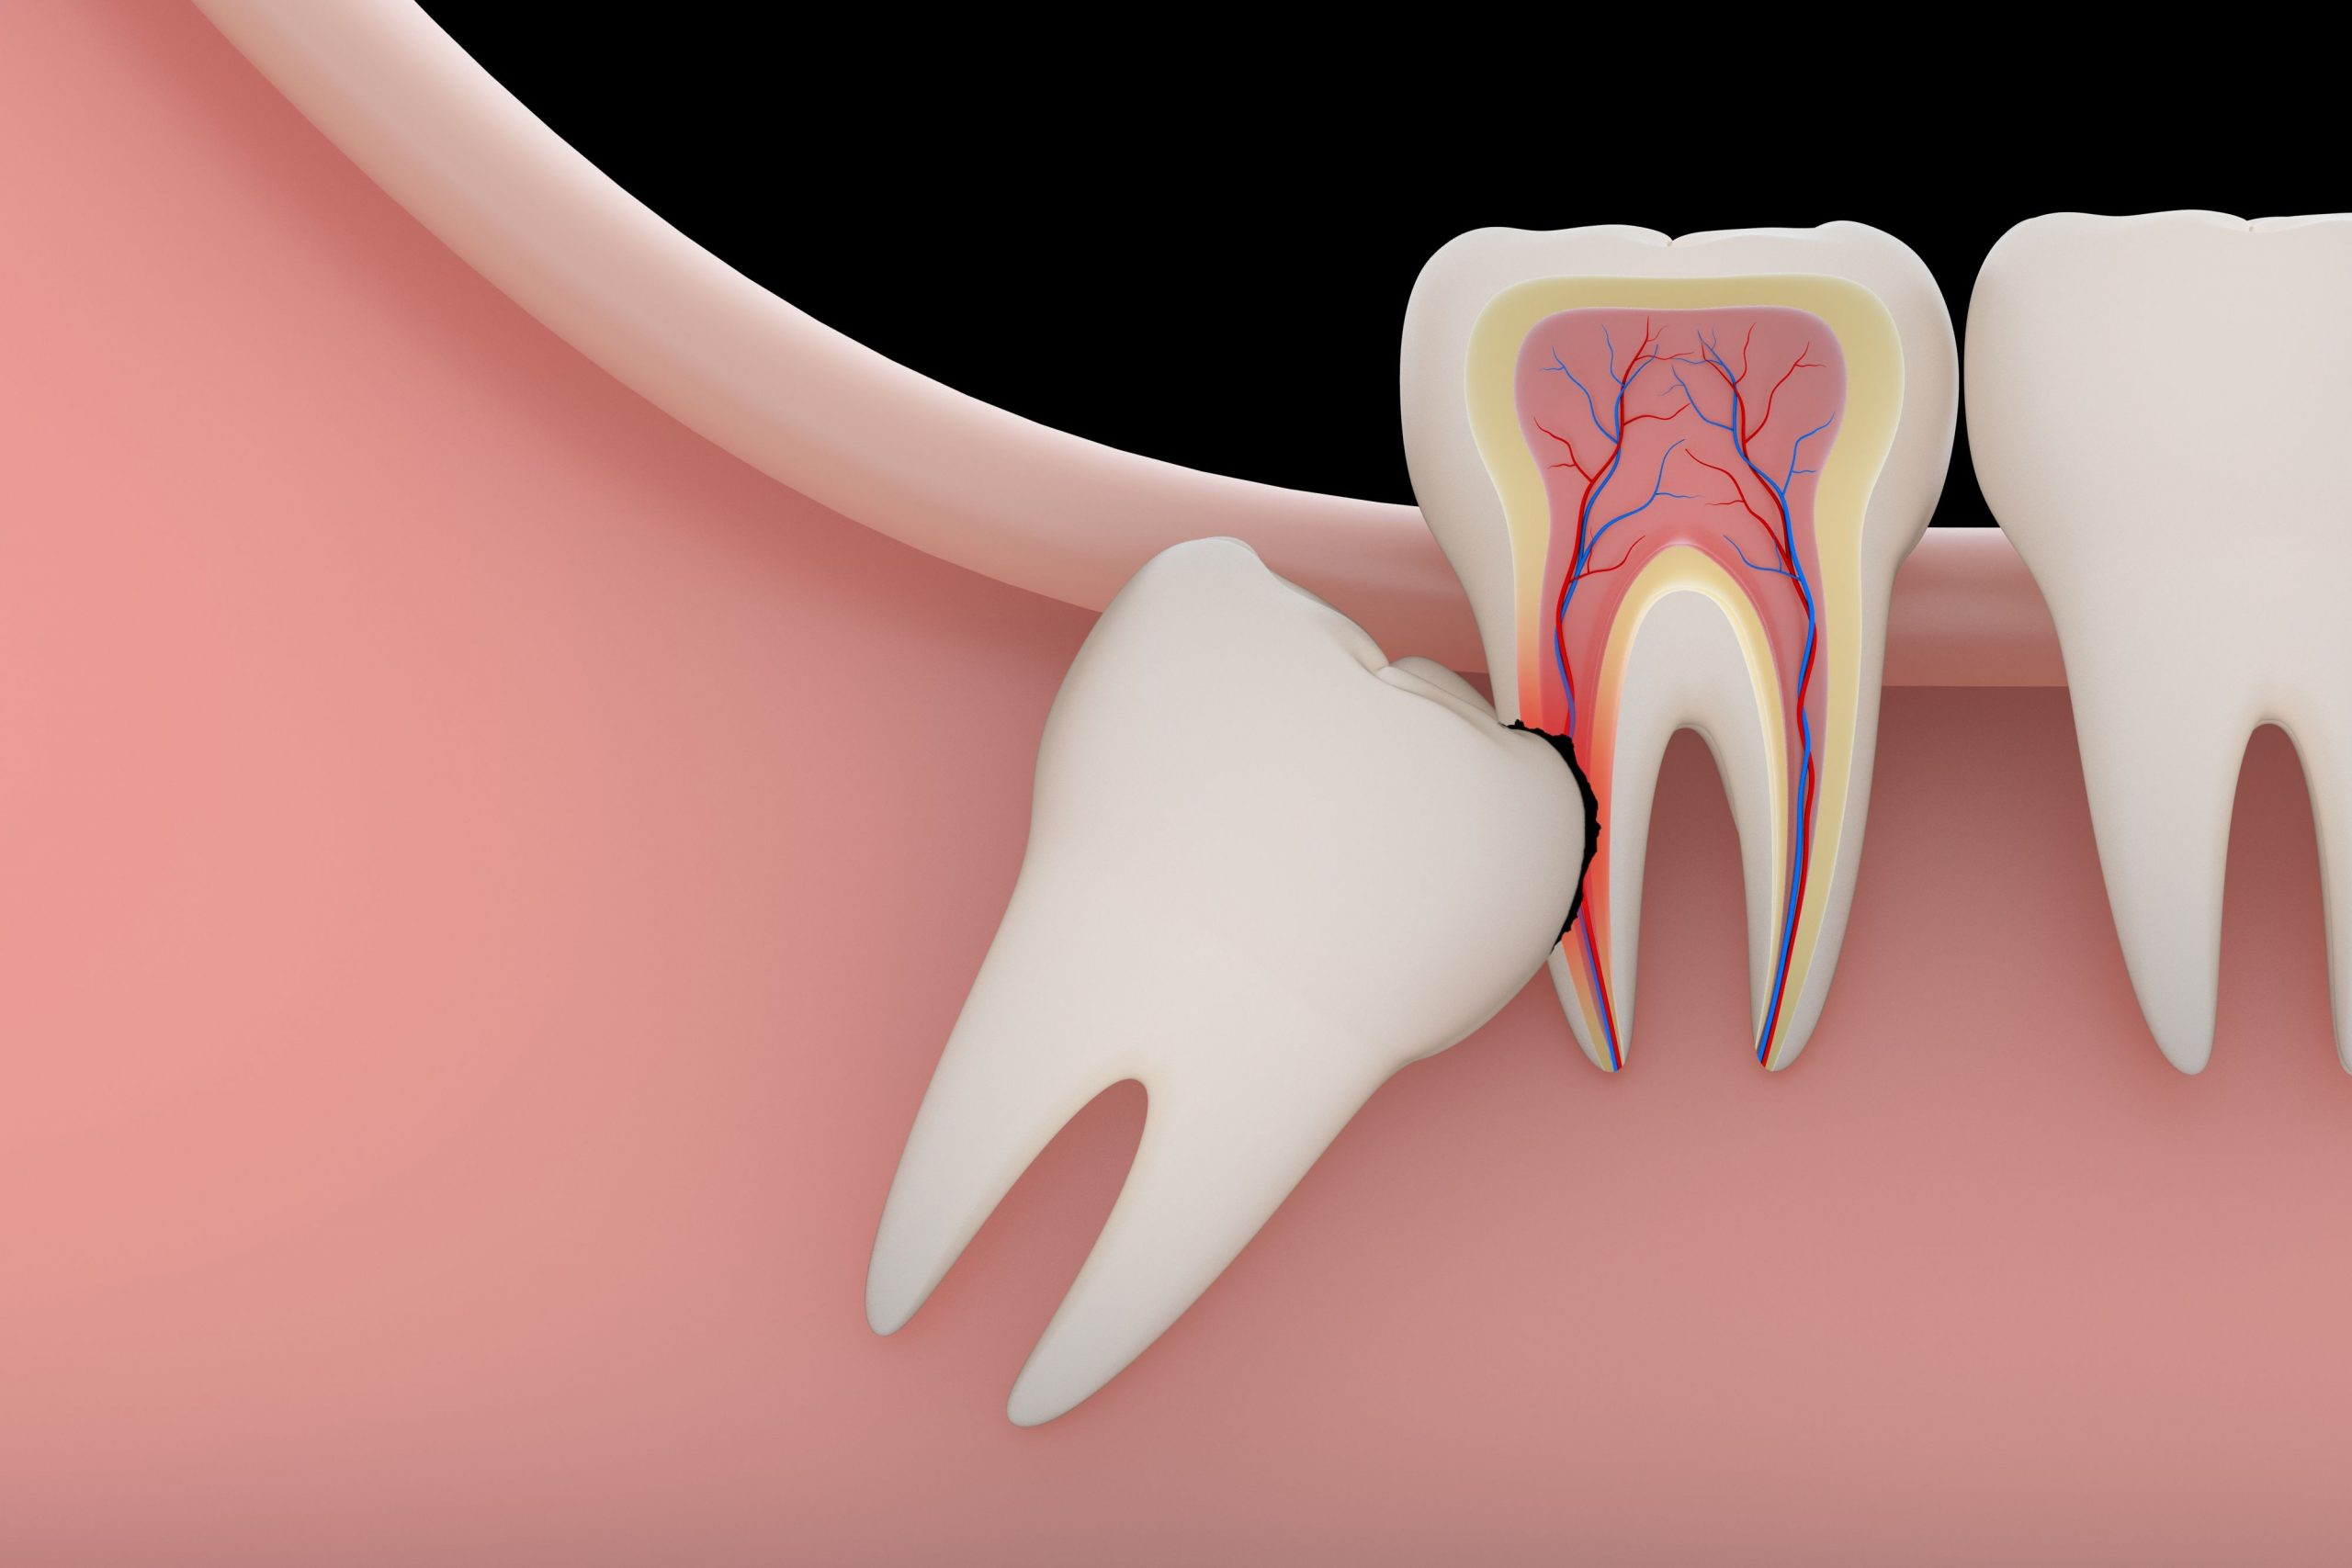 کشیدن دندان عقل